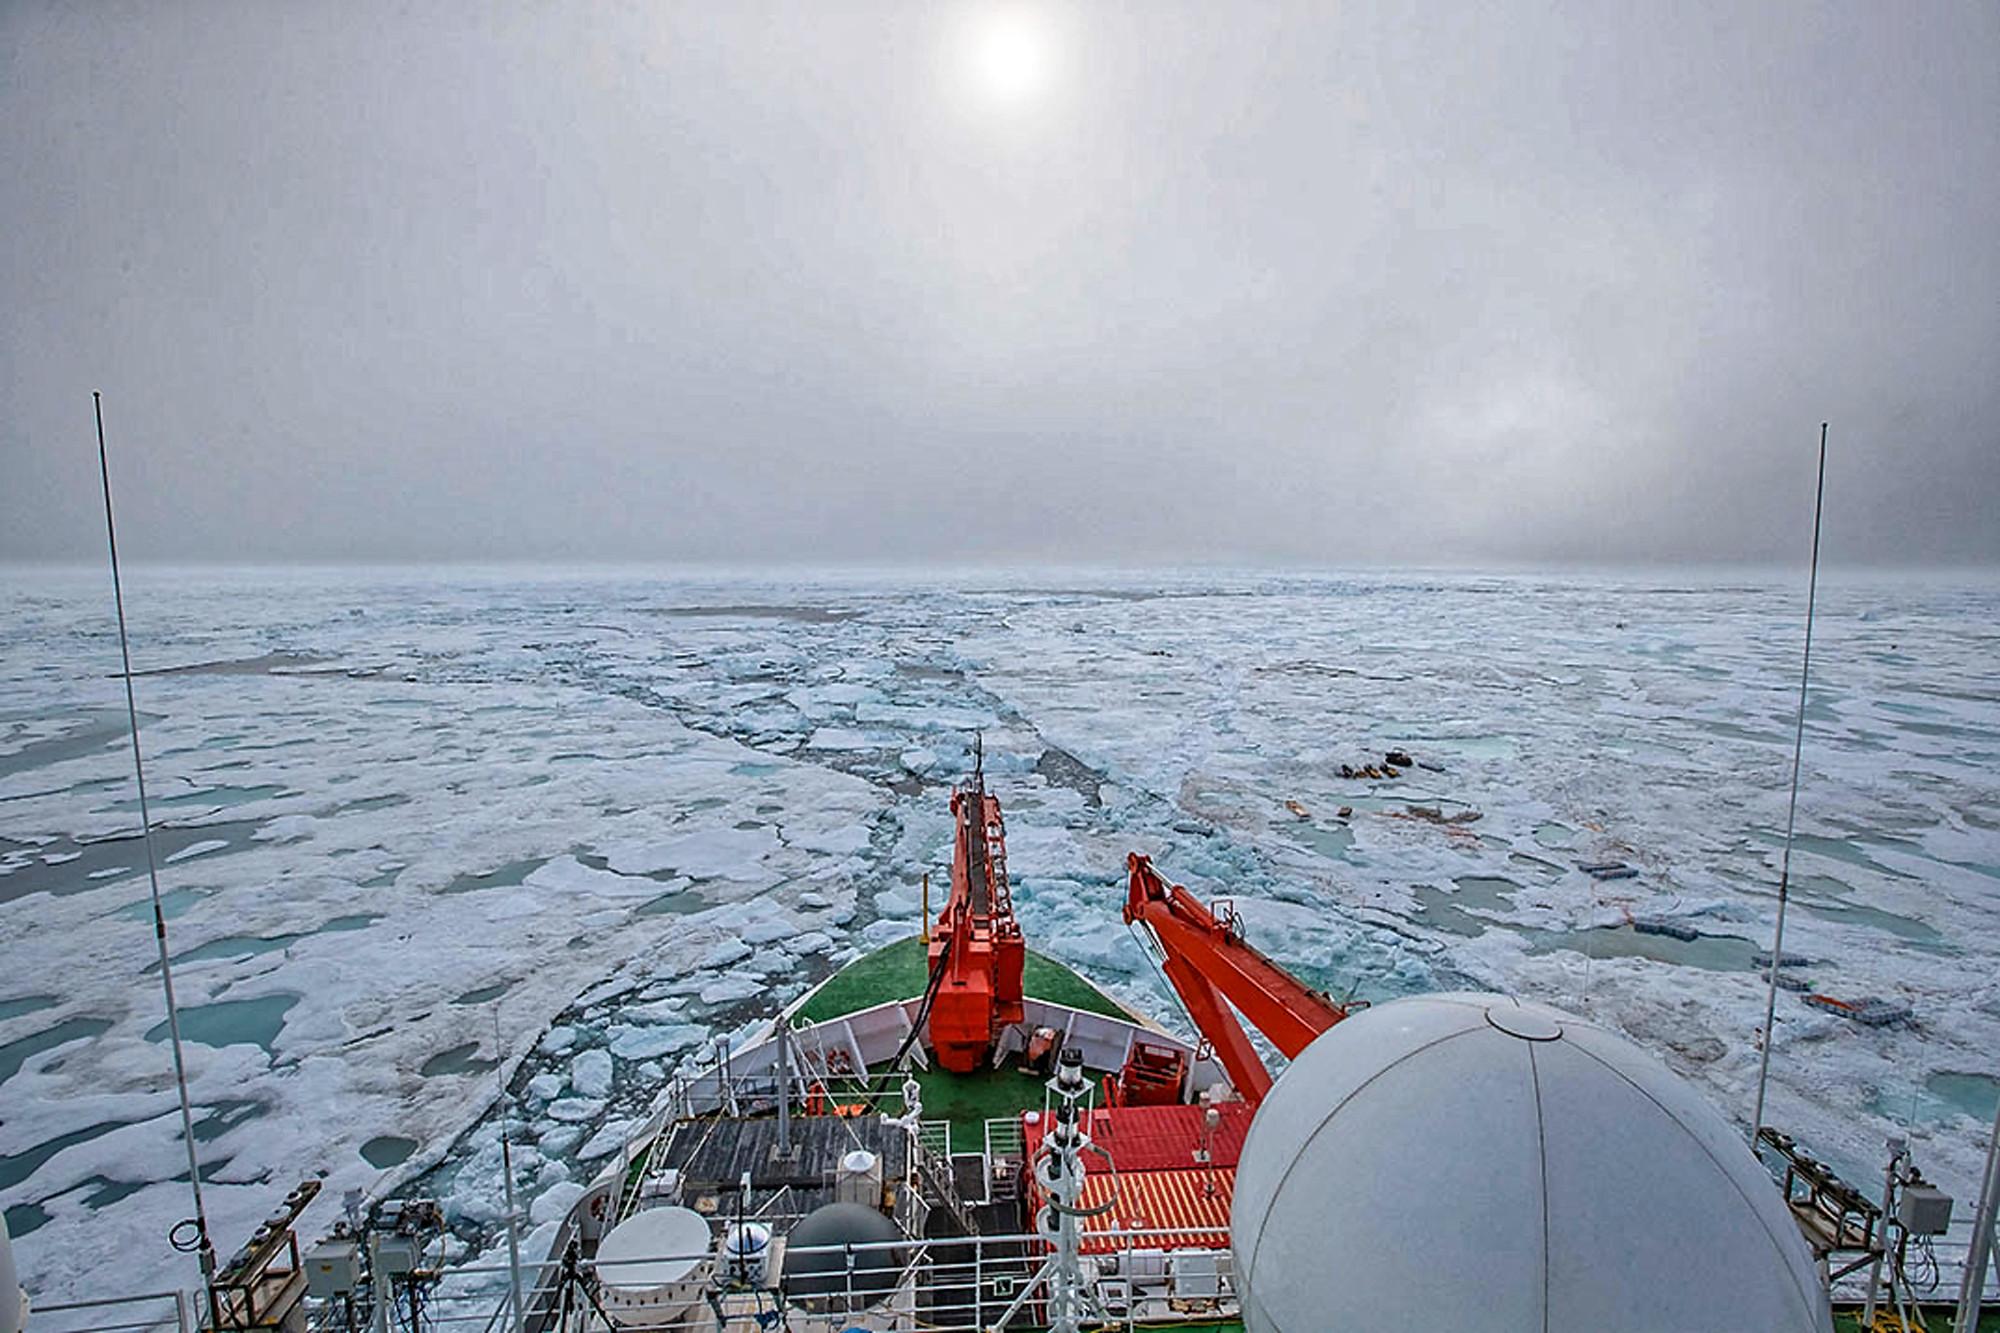 Eisbewegungen haben die Position der Polarstern über Nacht verschoben und machten einige Arbeiten am folgenden Tag nötig. Foto: Lianna Nixon, University of Colorado